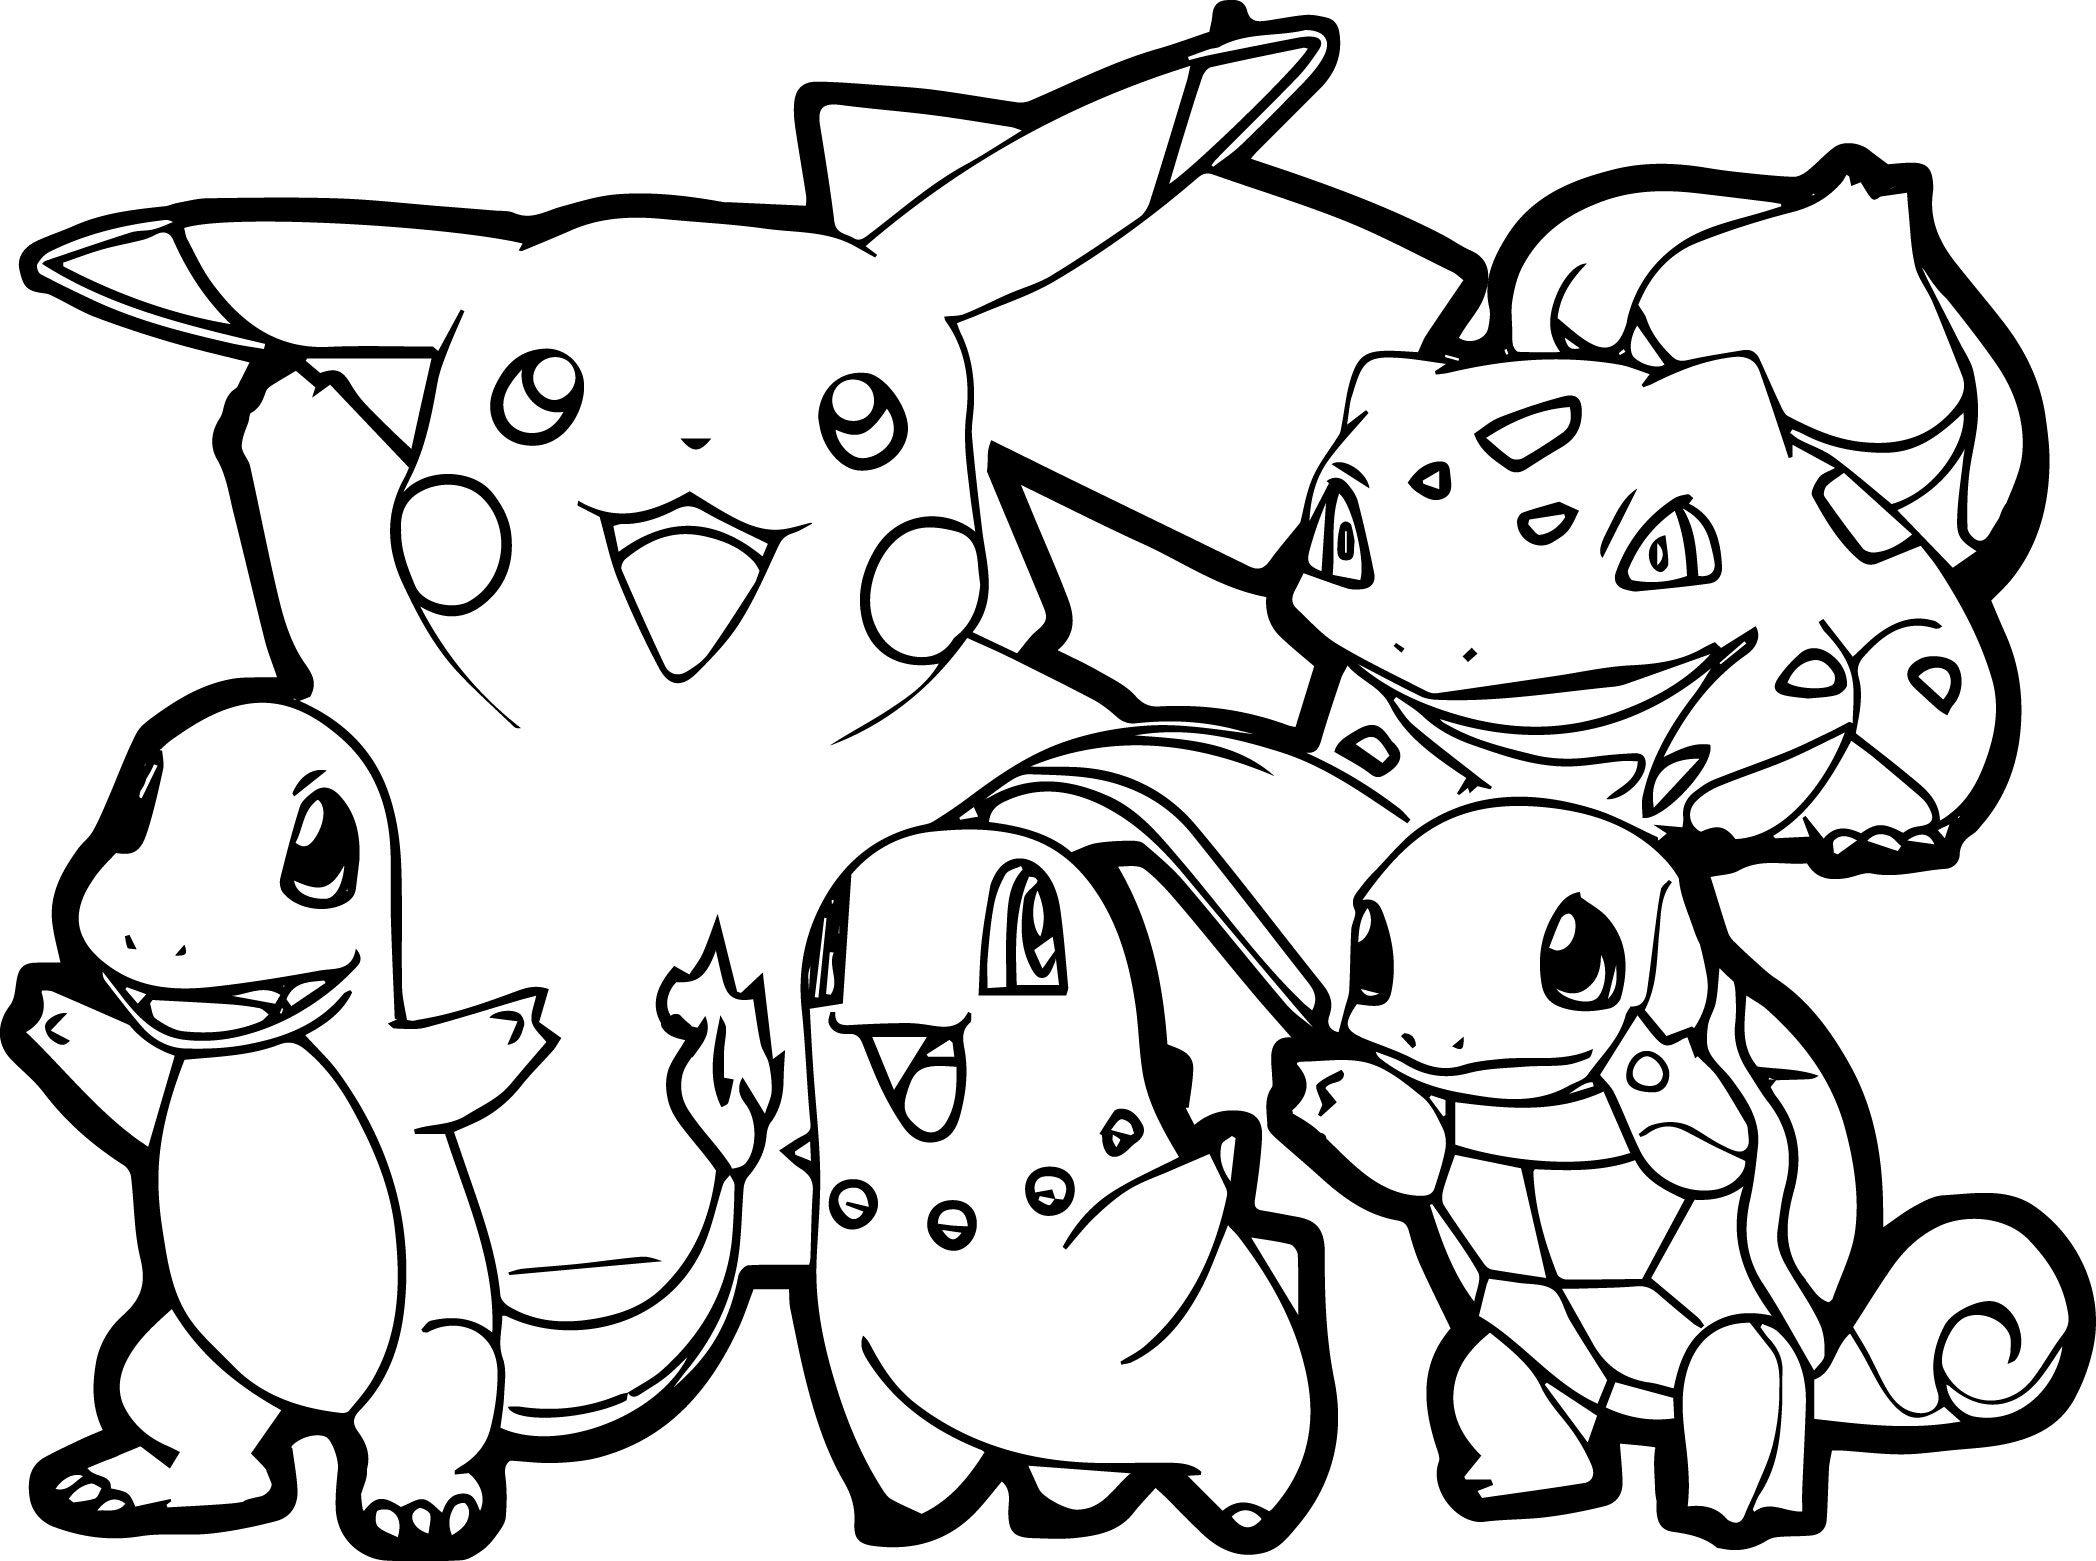 Un coloriage simple de Pikachu et de ses amis avec des traits tr¨s épais